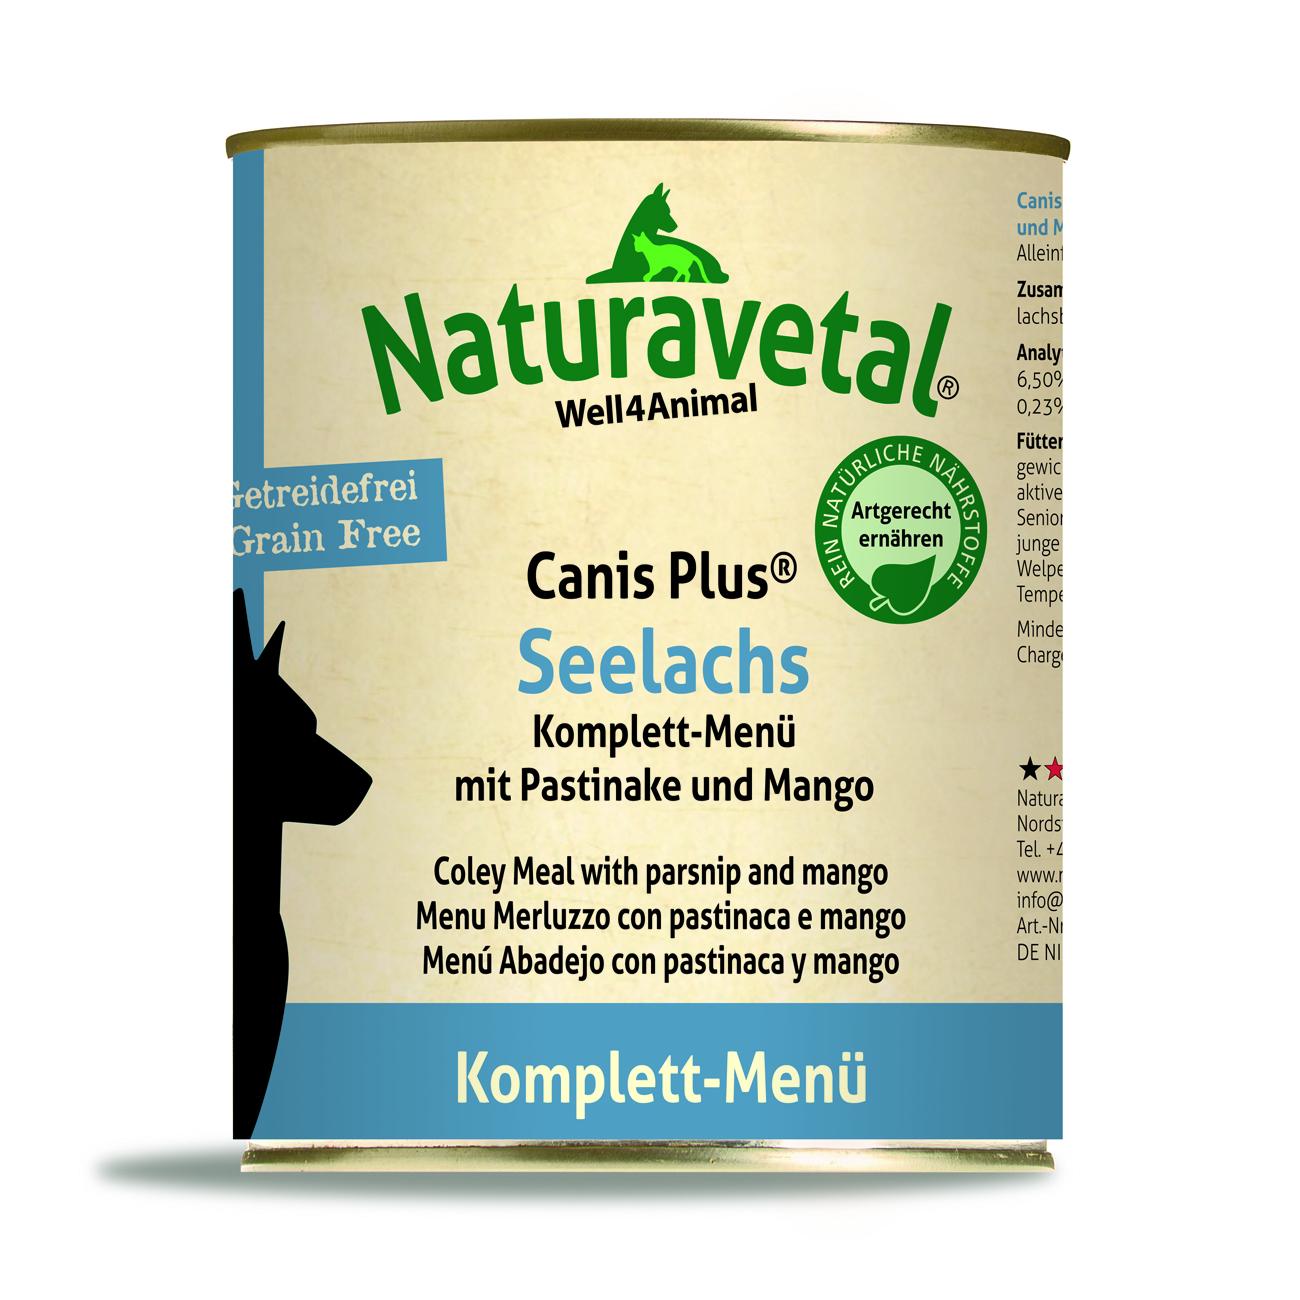 Naturavetal Canis Plus Komplett Menü Seelachs